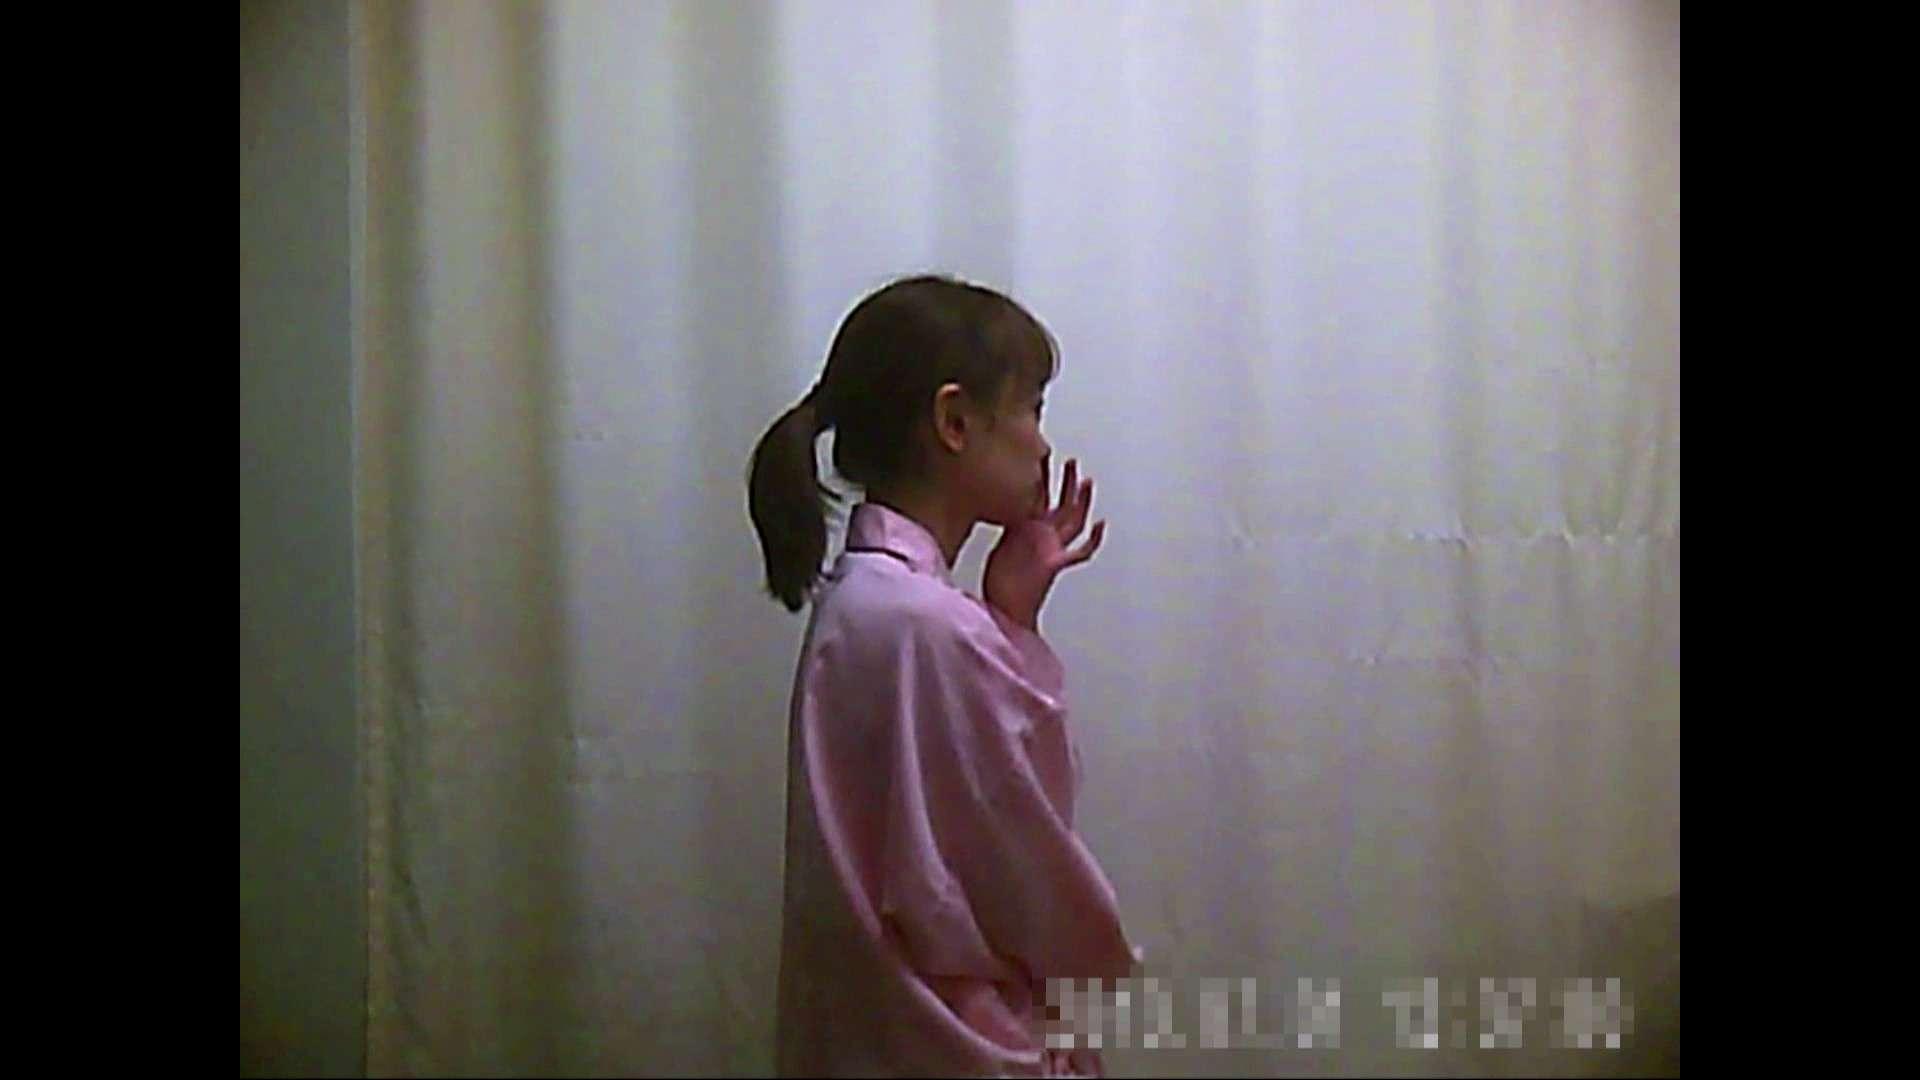 元医者による反抗 更衣室地獄絵巻 vol.039 OL | 0  75連発 39